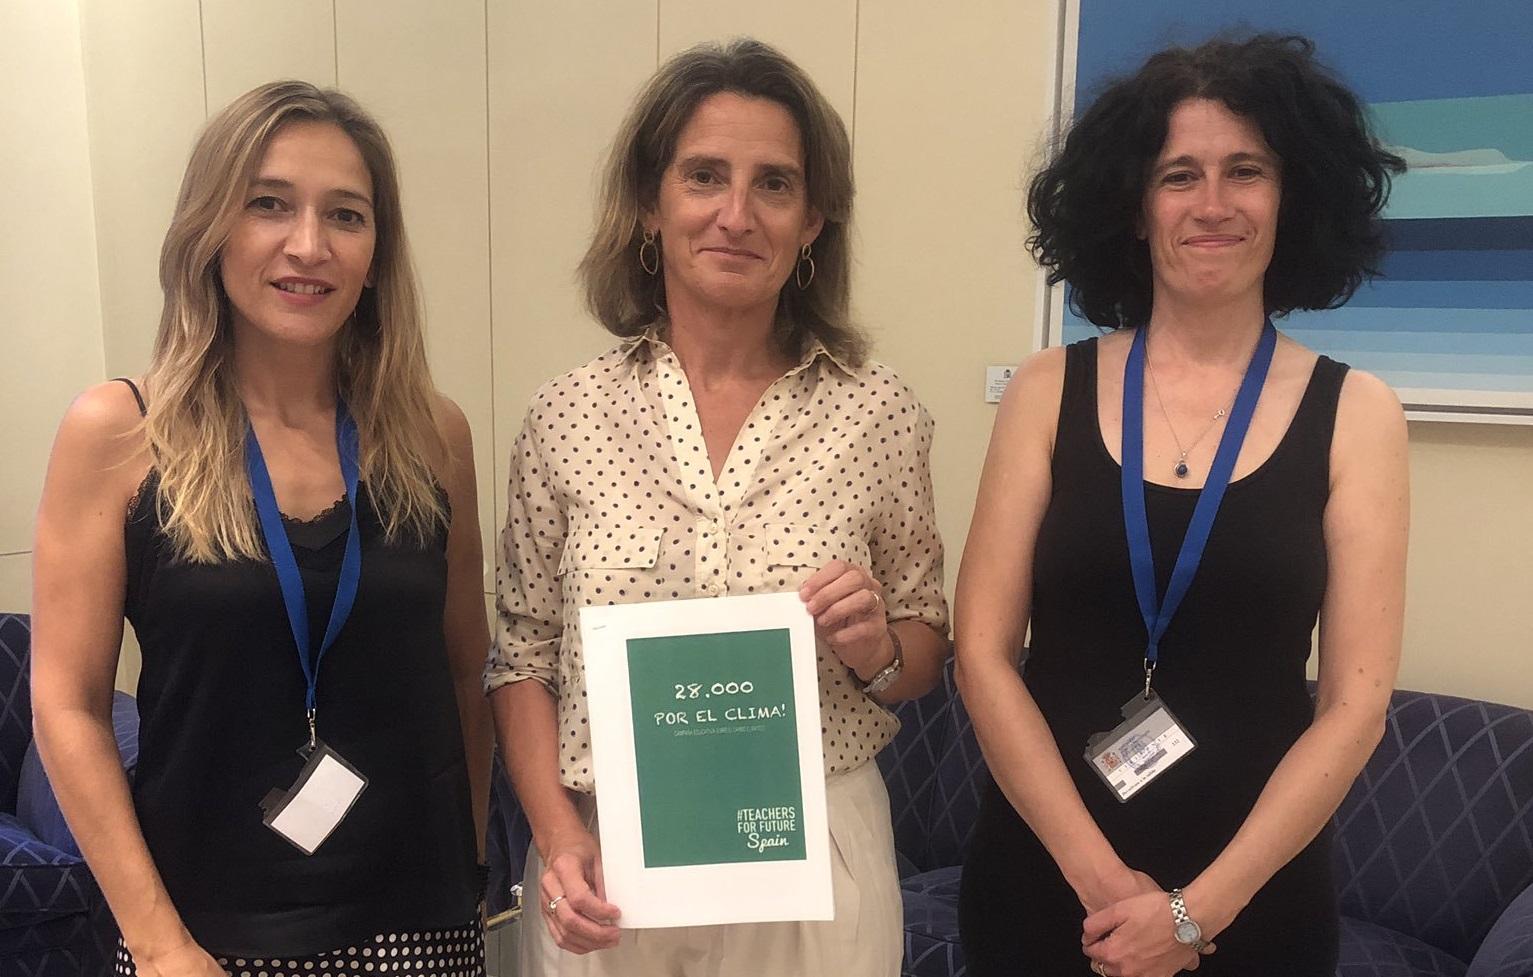 Teachers For Future con la ministra Teresa Ribera este jueves. A la izquierda de la imagen, Miriam Leirós.